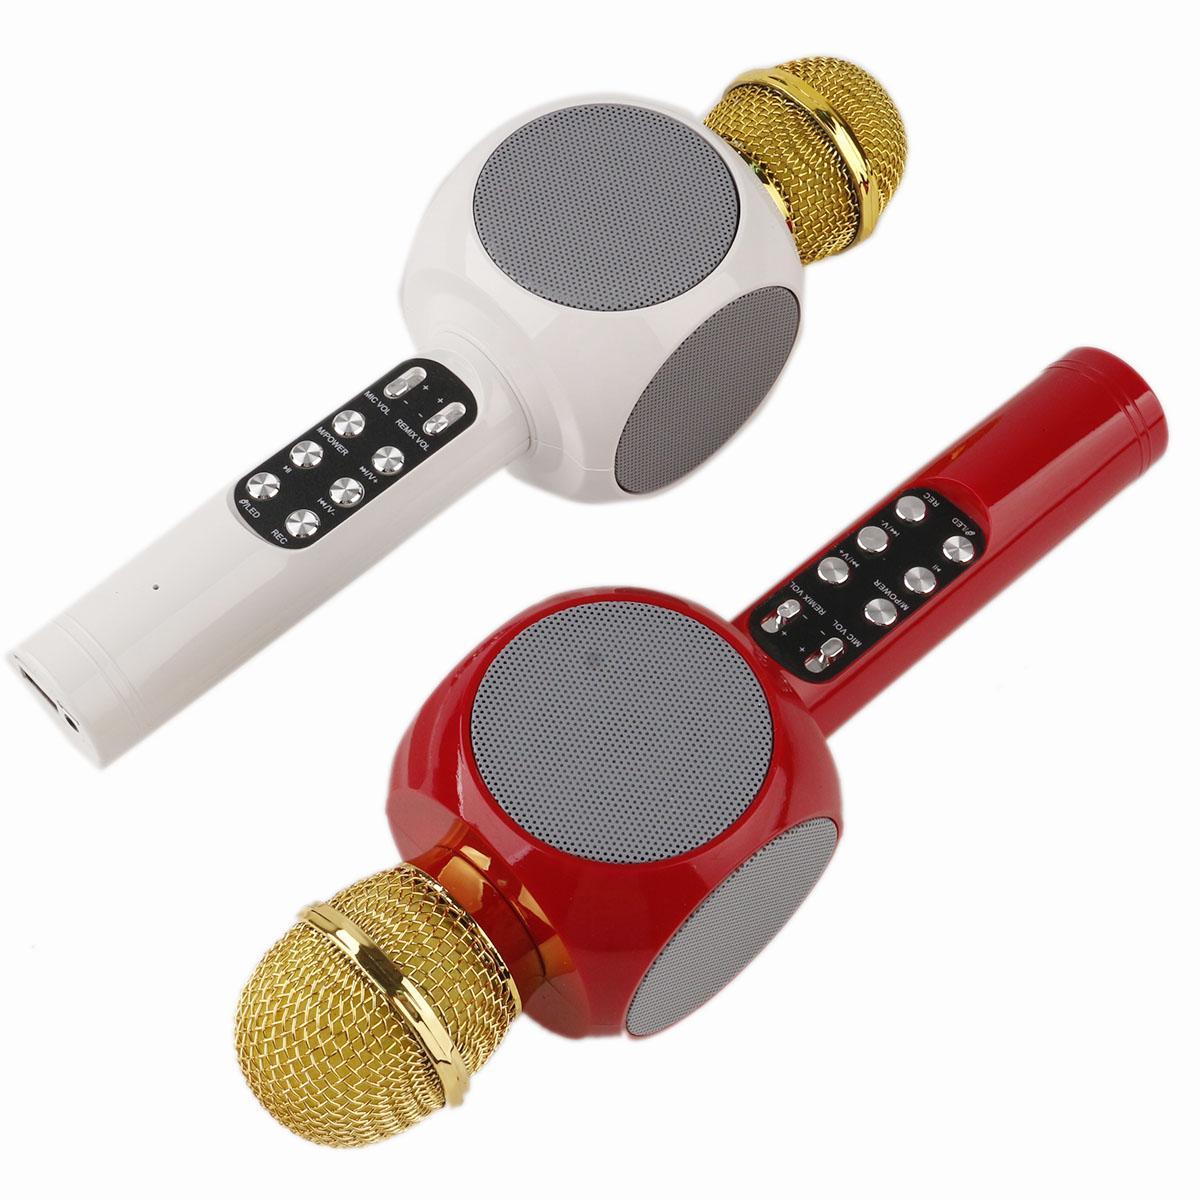 جديد WS-1816 WS1816 بلوتوث ميكروفون الصمام الخفيفة المحمولة المحمولة اللاسلكية ktv karaoke مشغل مكبرات الصوت KTV مع مكبر الصوت ميكروفون للهواتف